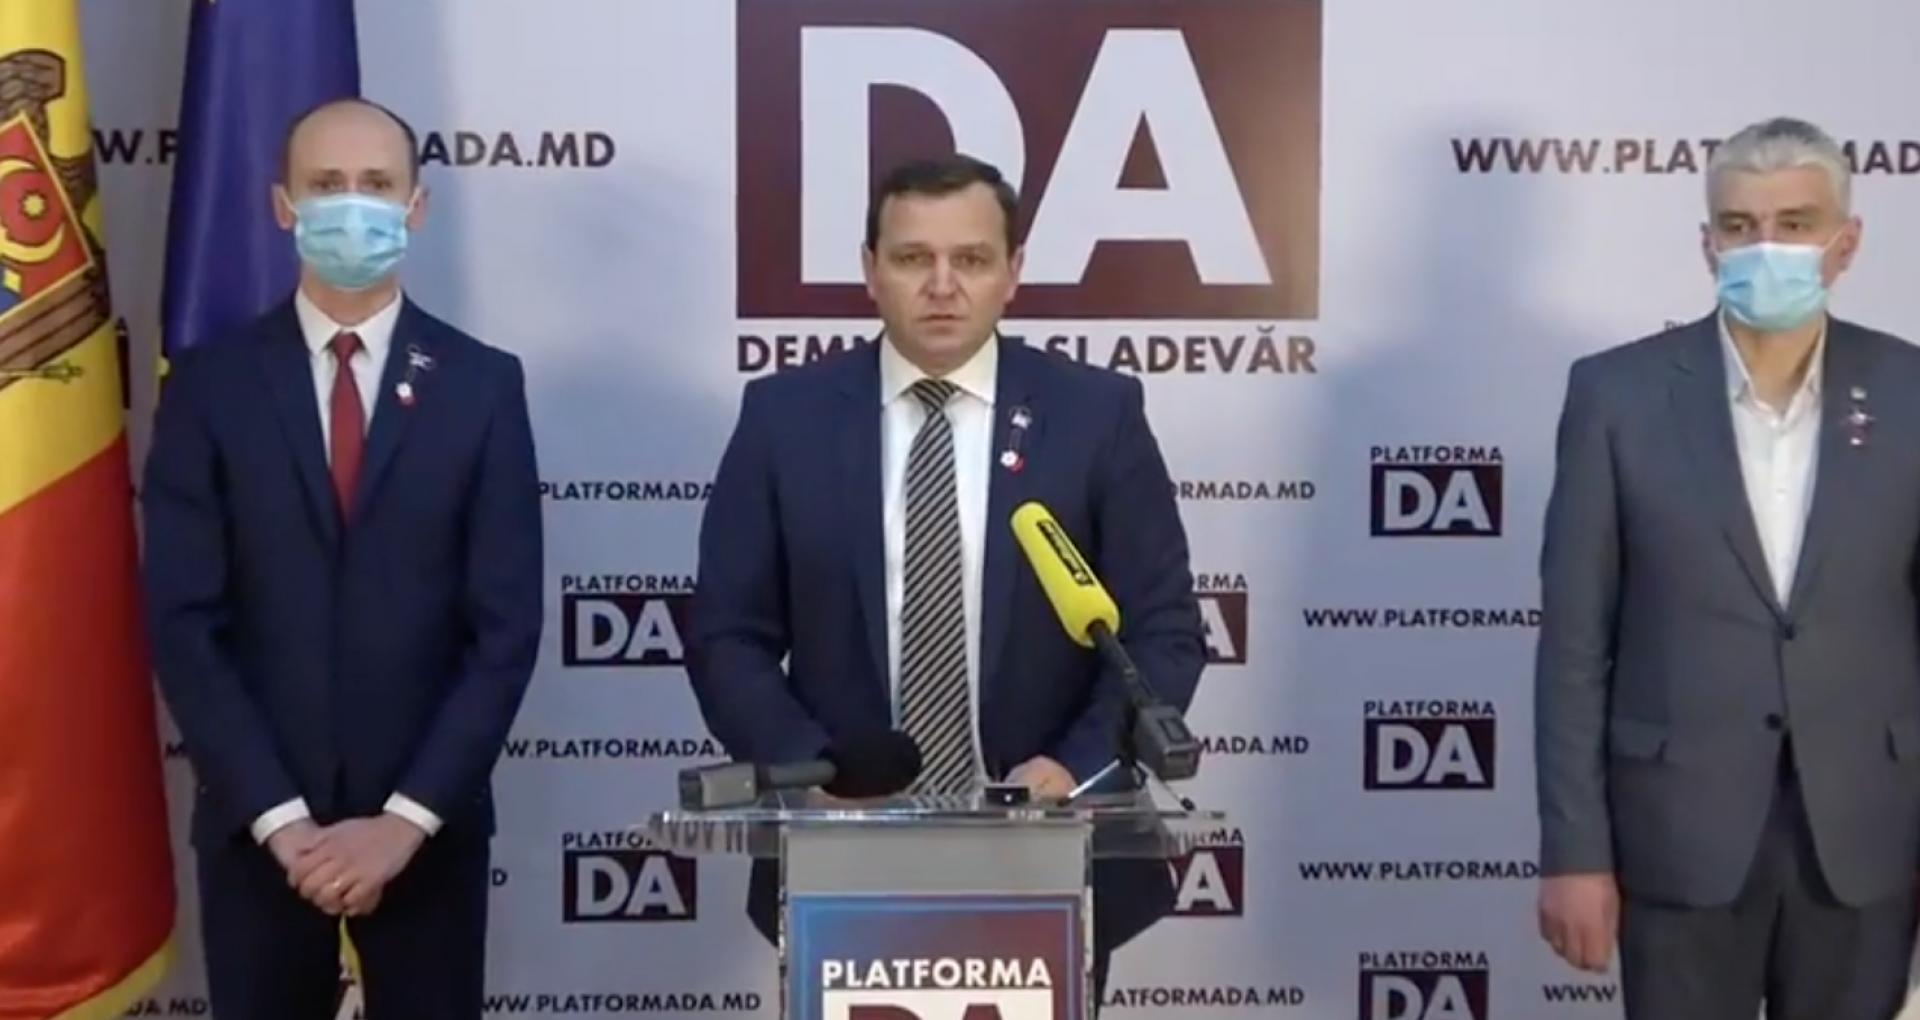 """Platforma DA solicită președintei R. Moldova să sesizeze de urgență Curtea Constituțională, care să verifice constituționalitatea Partidului """"ȘOR"""""""